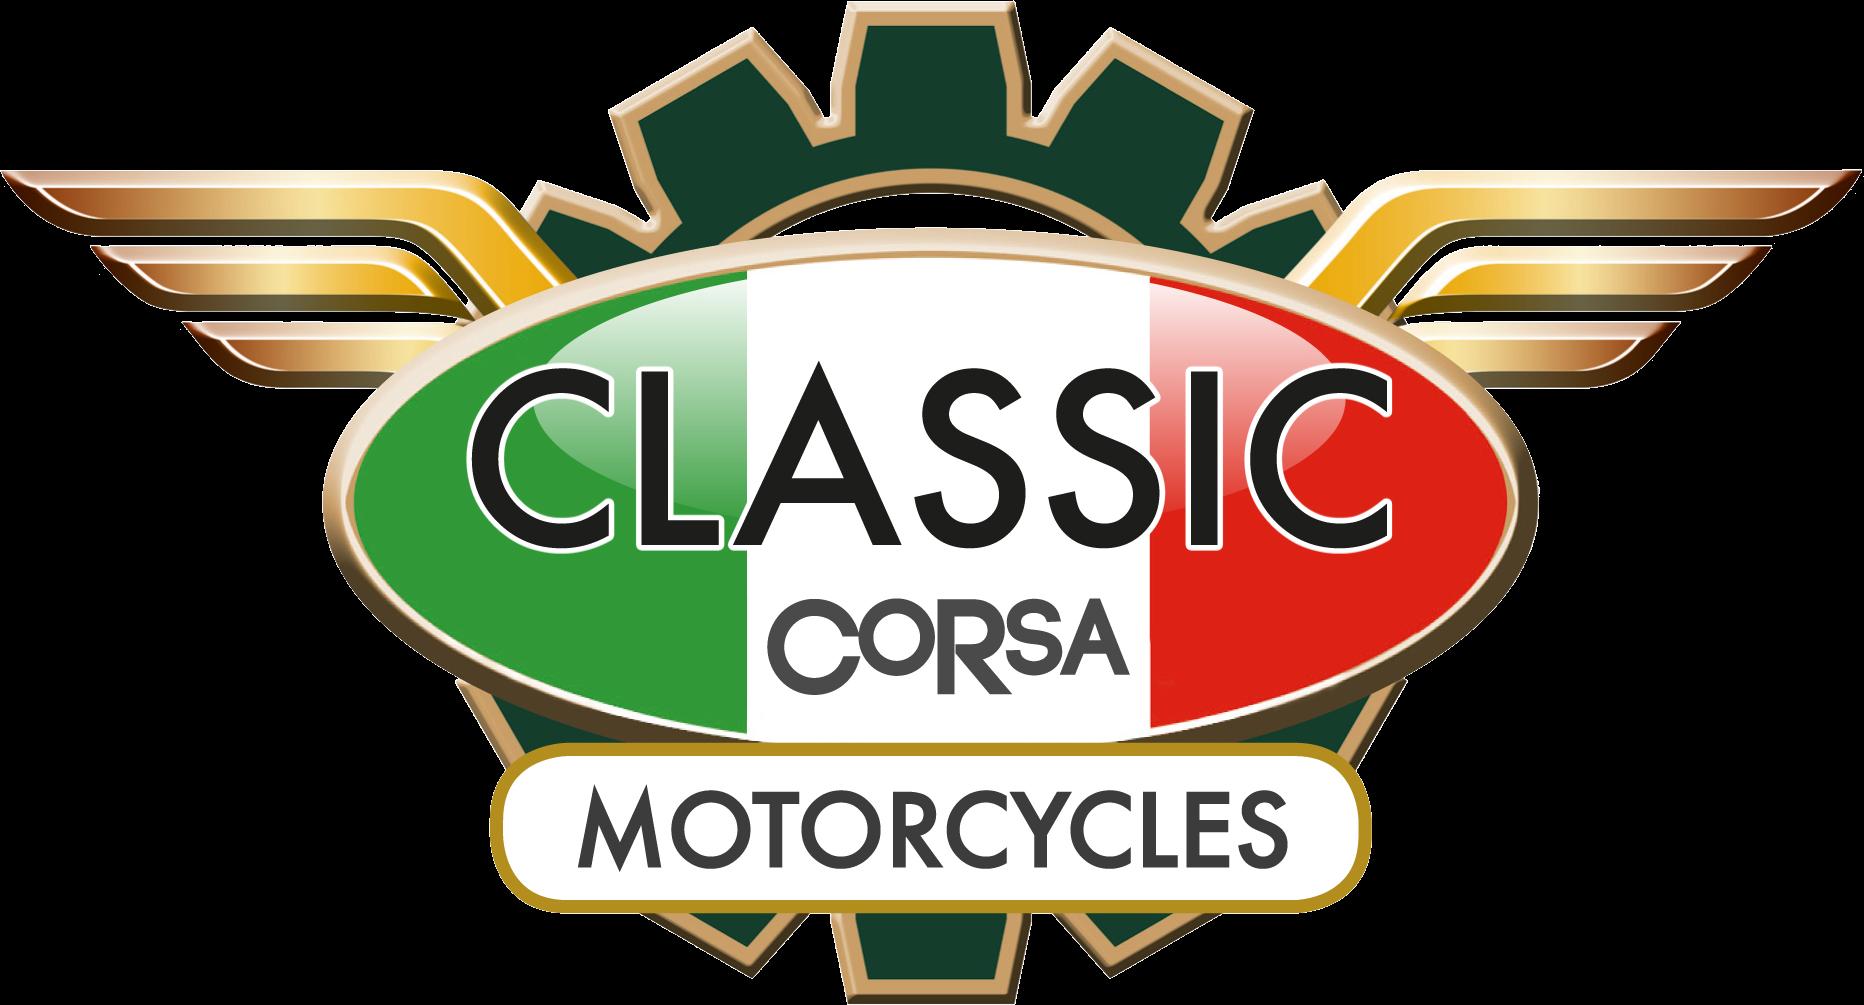 Classic Corsa